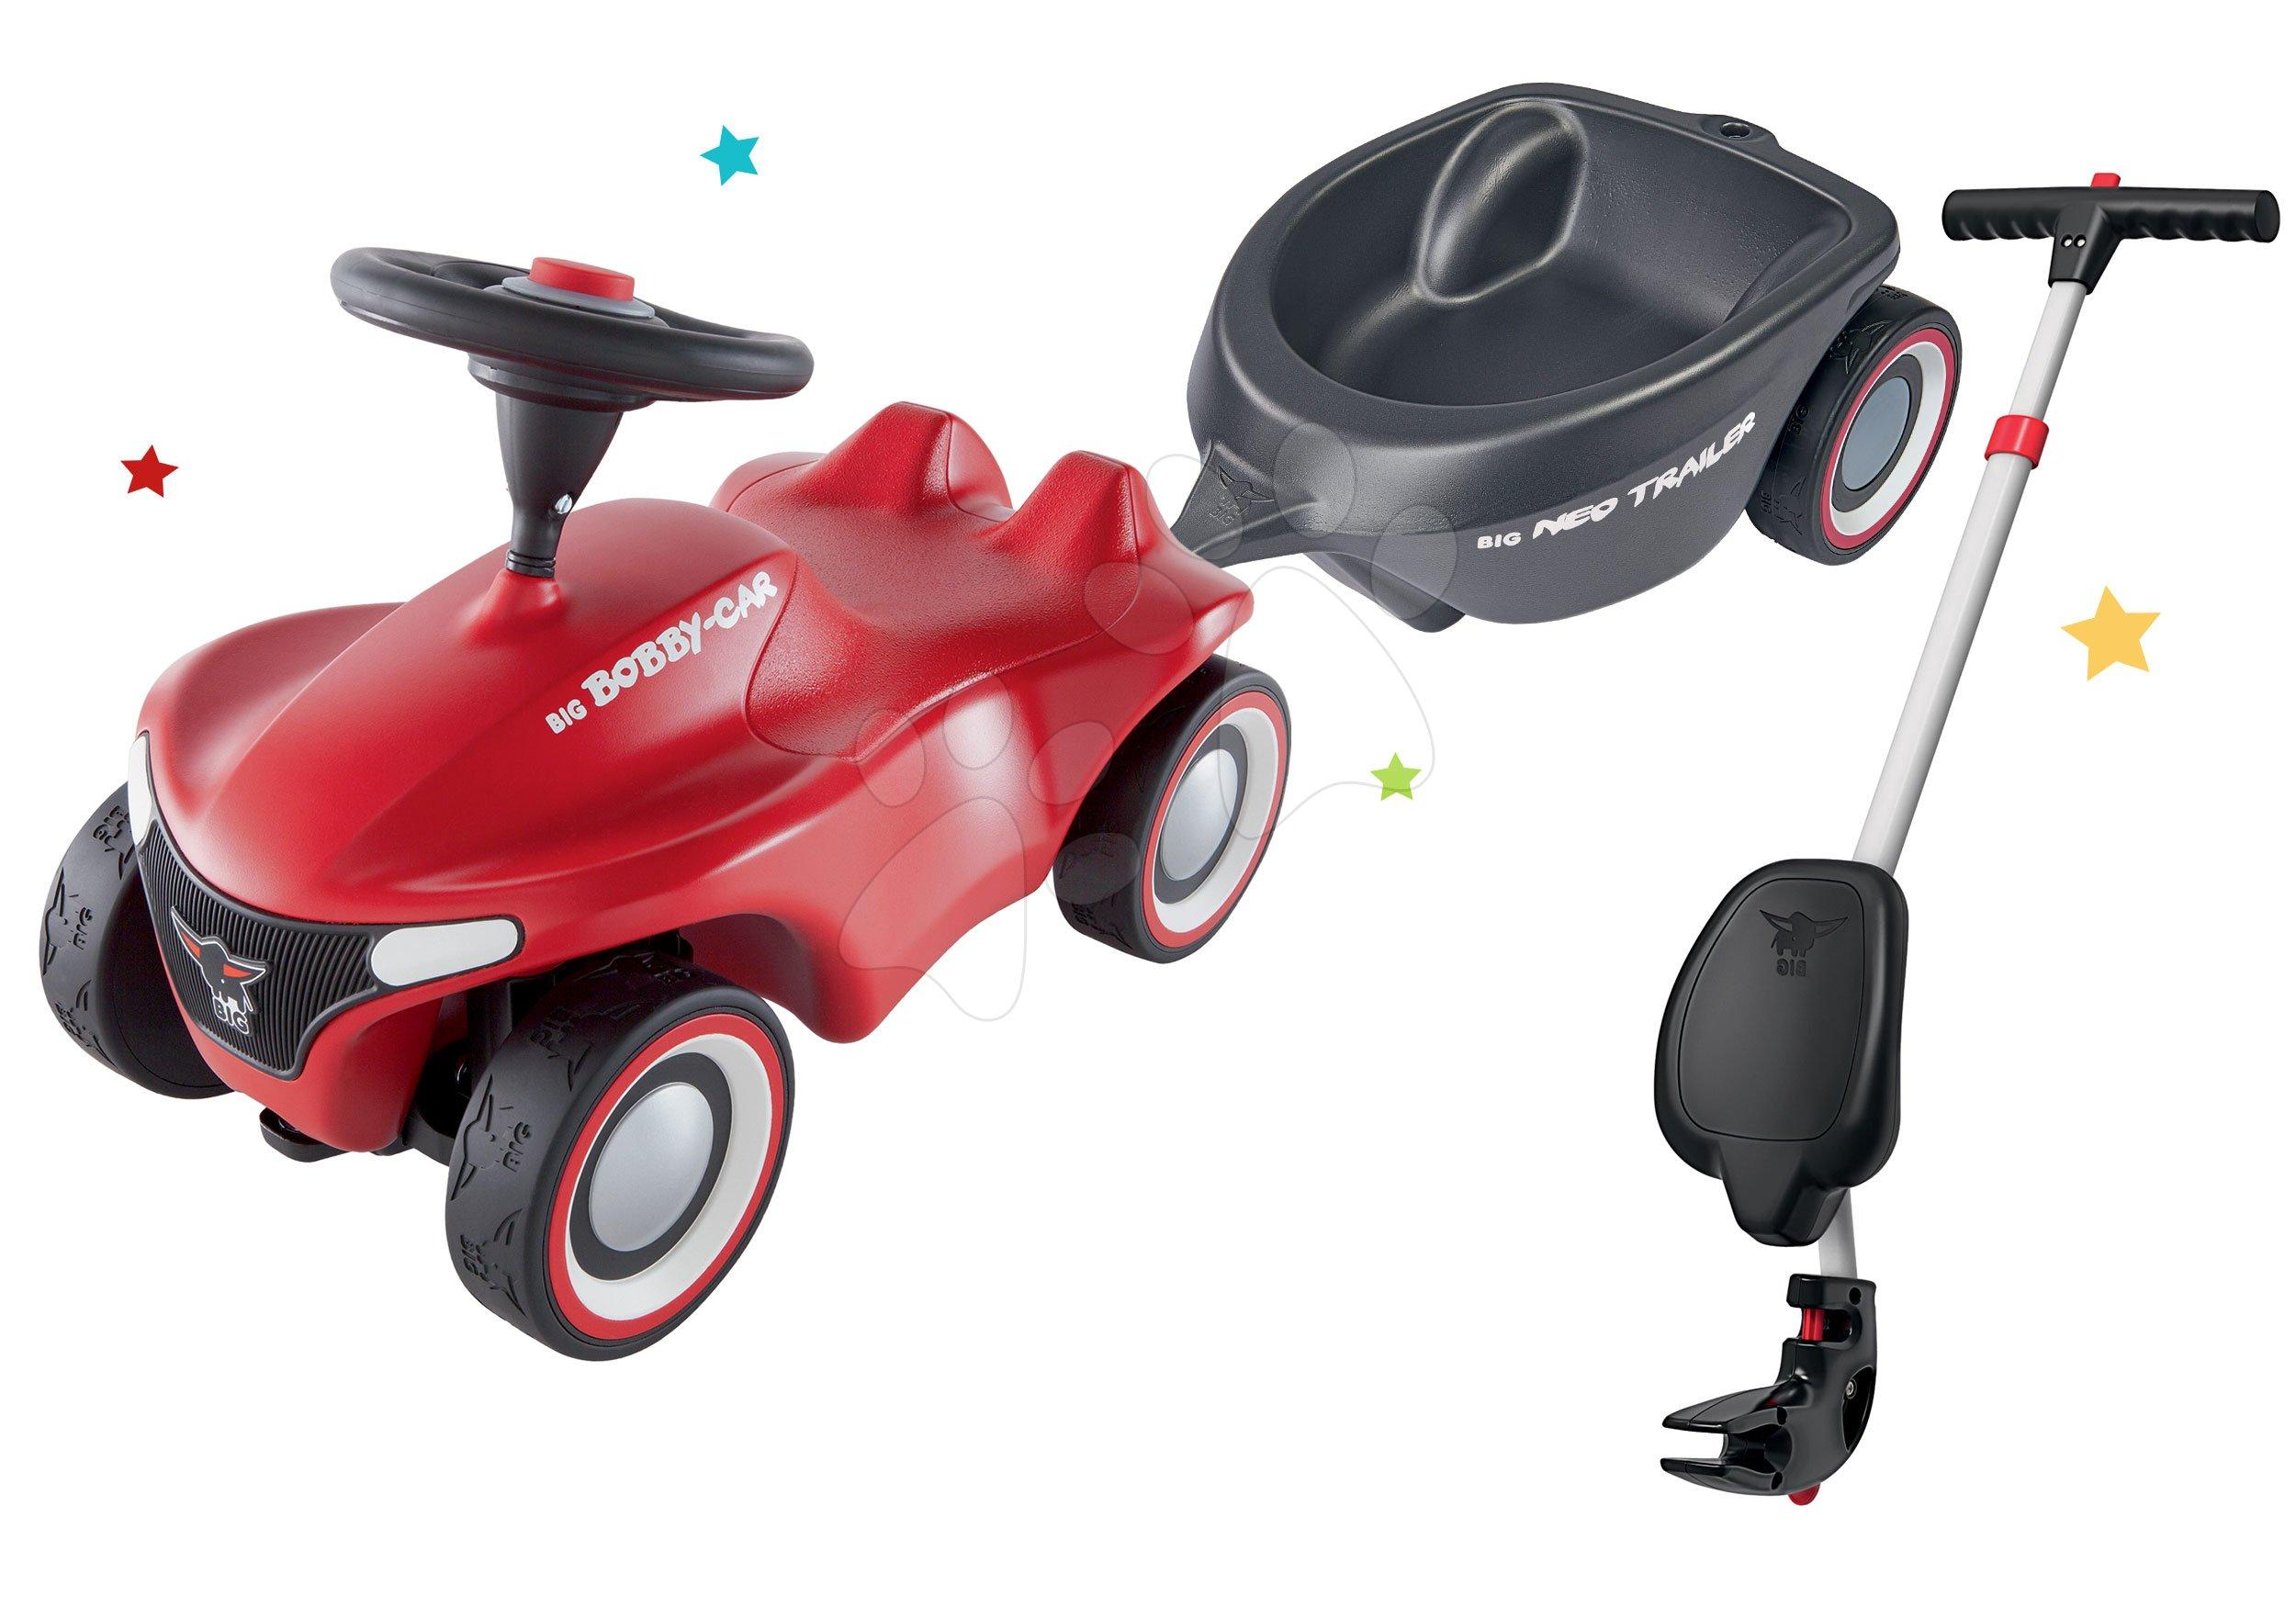 Set odrážedlo Bobby Car Neo BIG červené zvukové s 3vrstvými gumovými koly s oválným přívěsem a vodicí tyč s ergonomickou opěrkou